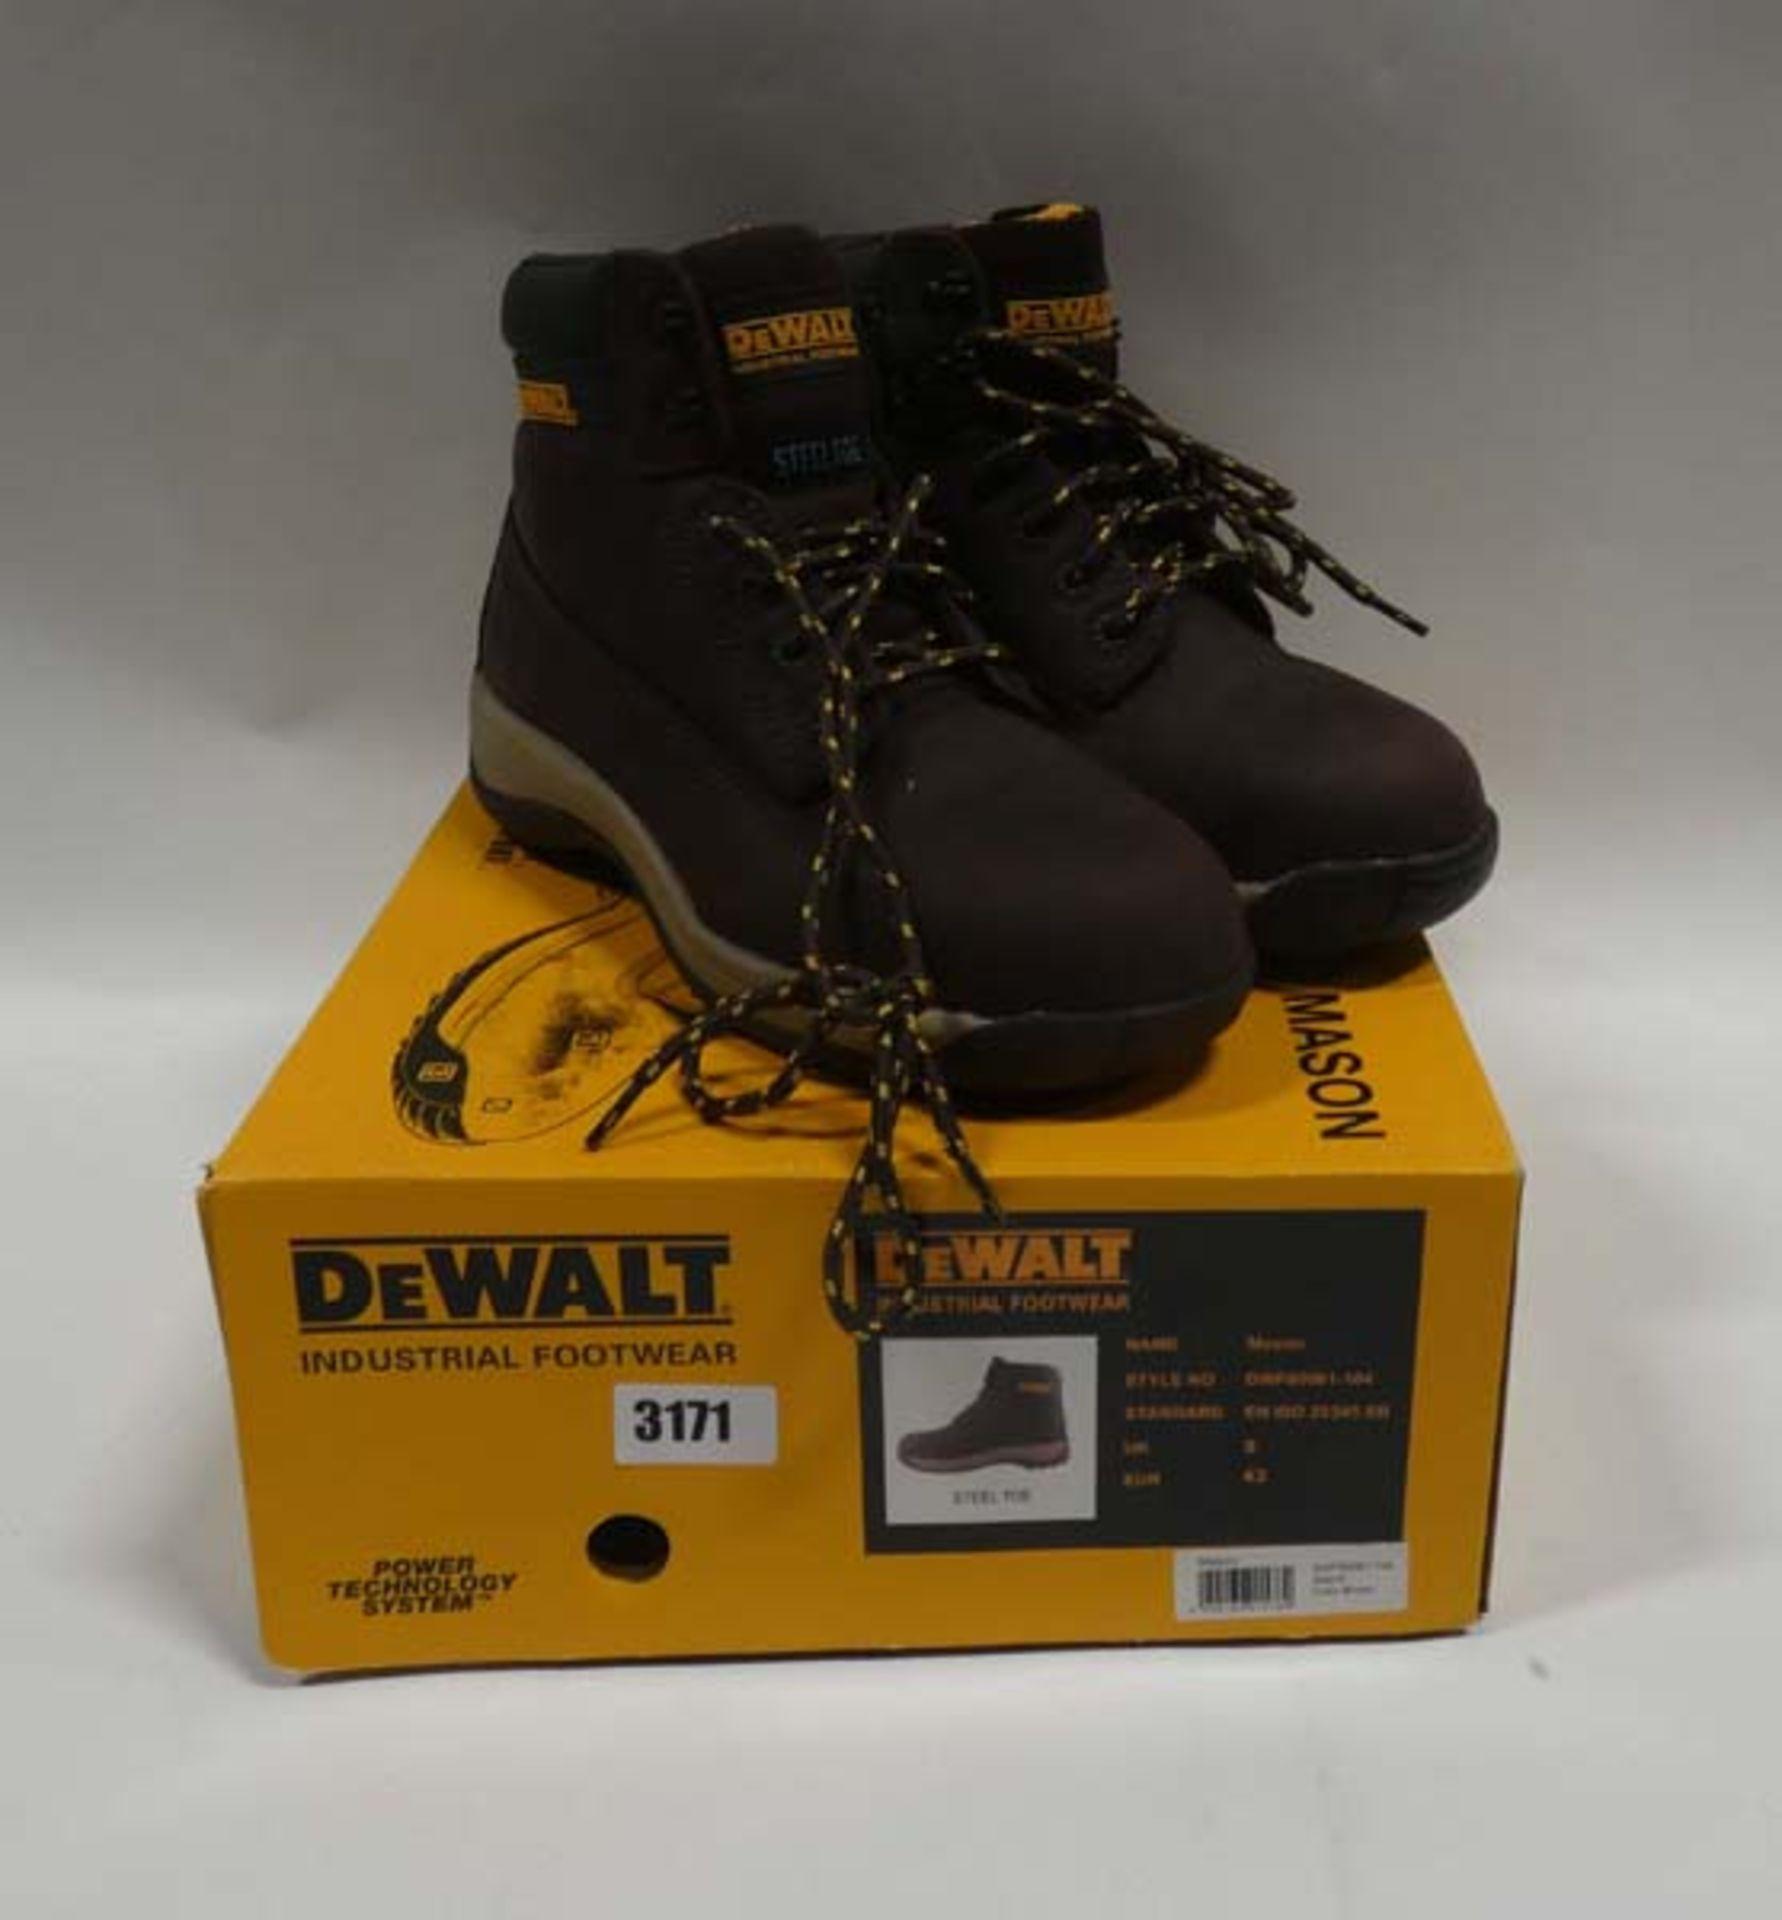 Pair of DeWalt industrial boots in dark brown with steel toe protectors